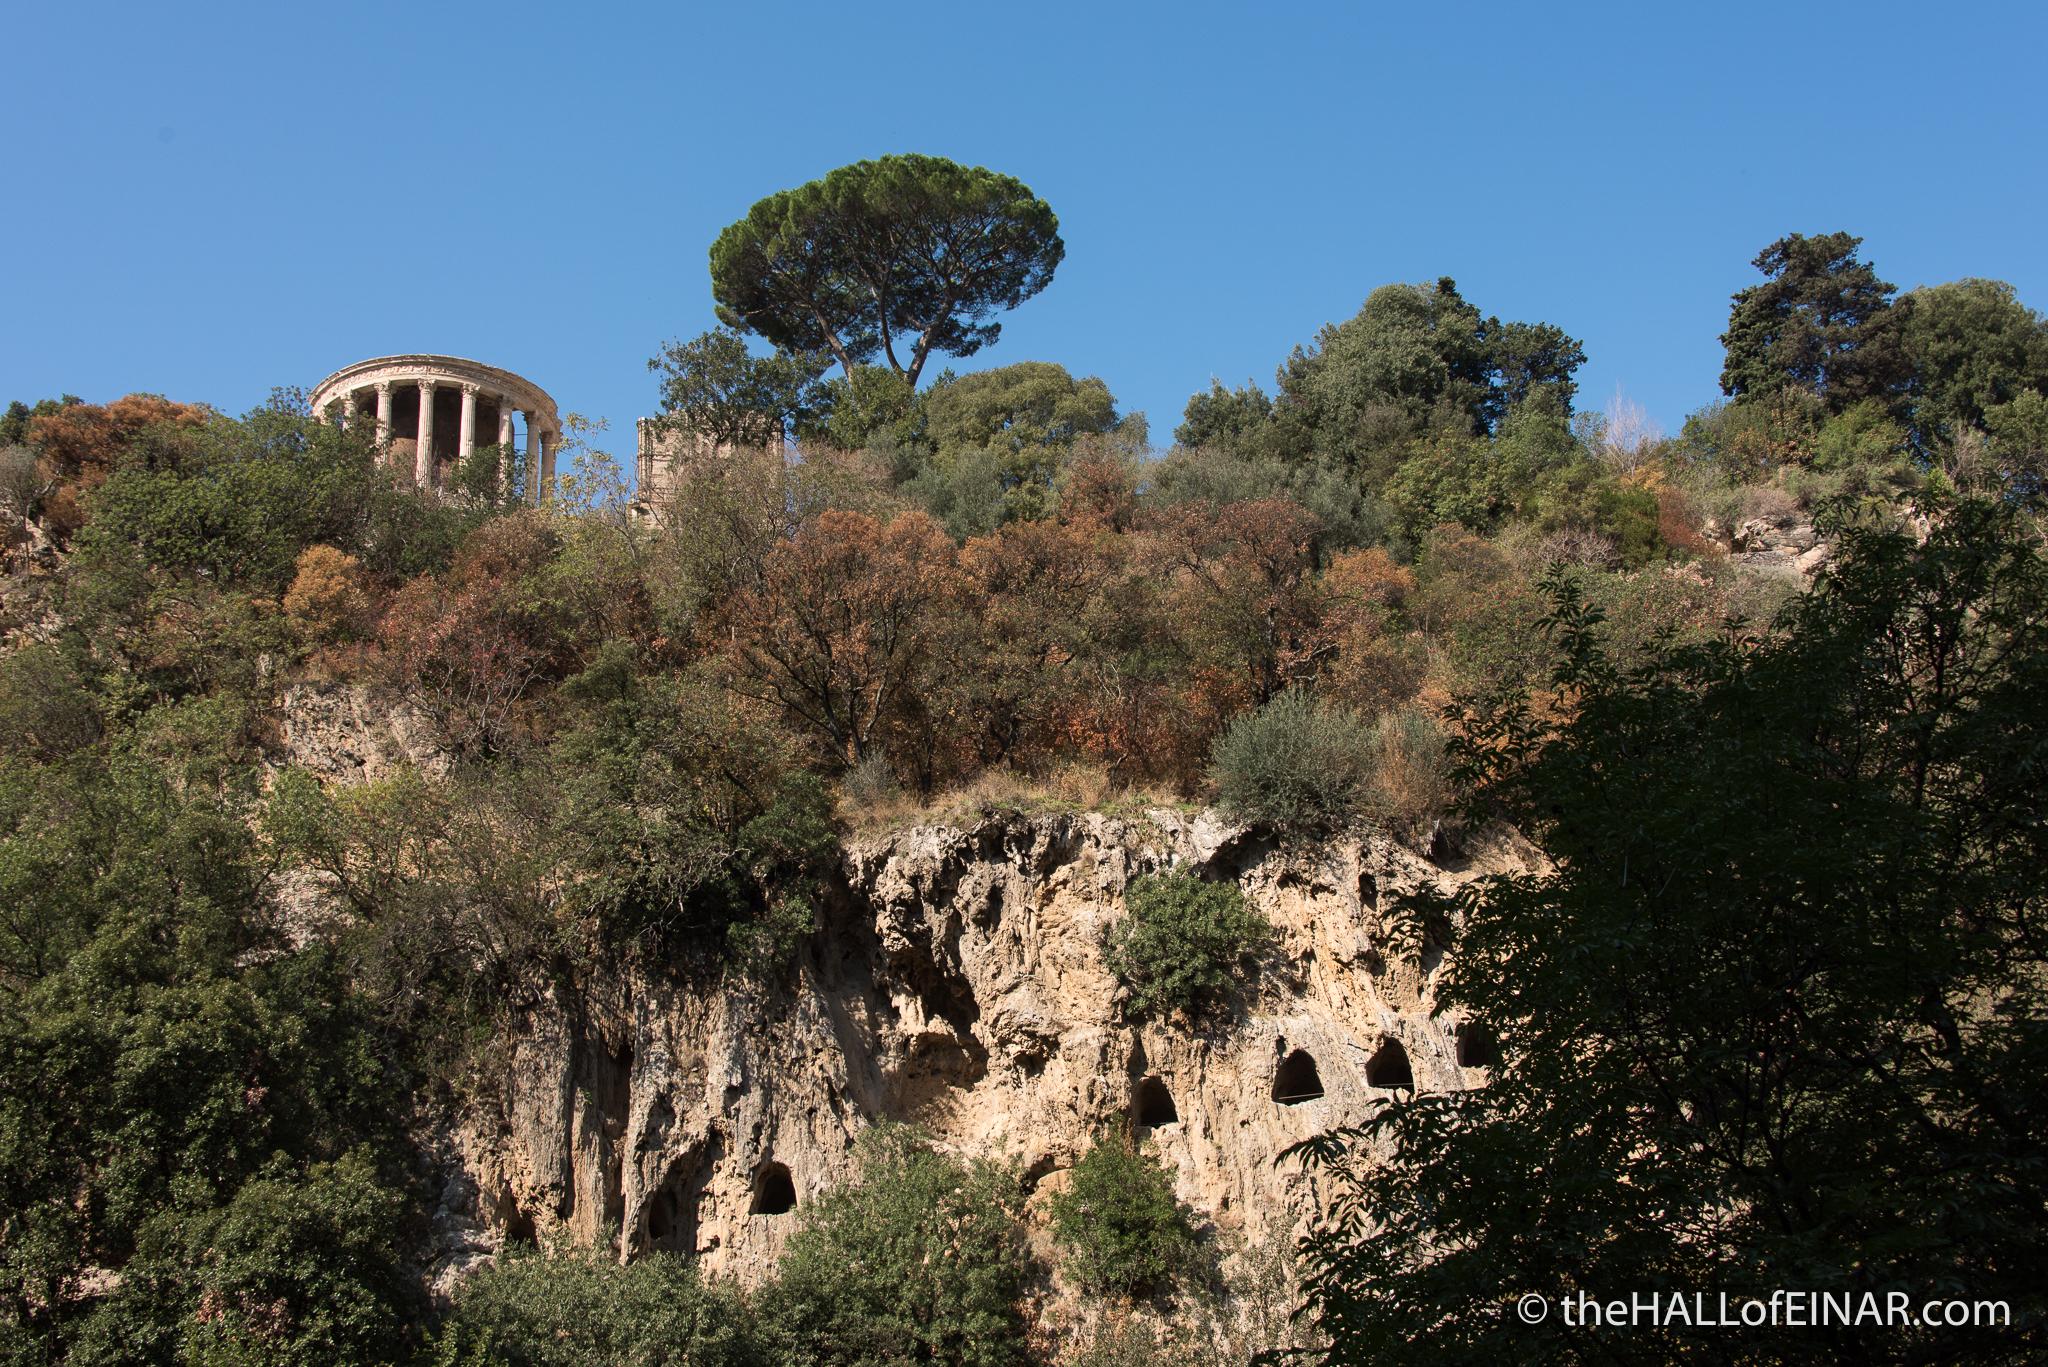 Tempio di Vesta, Tivoli - The Hall of Einar - photograph (c) David Bailey (not the)